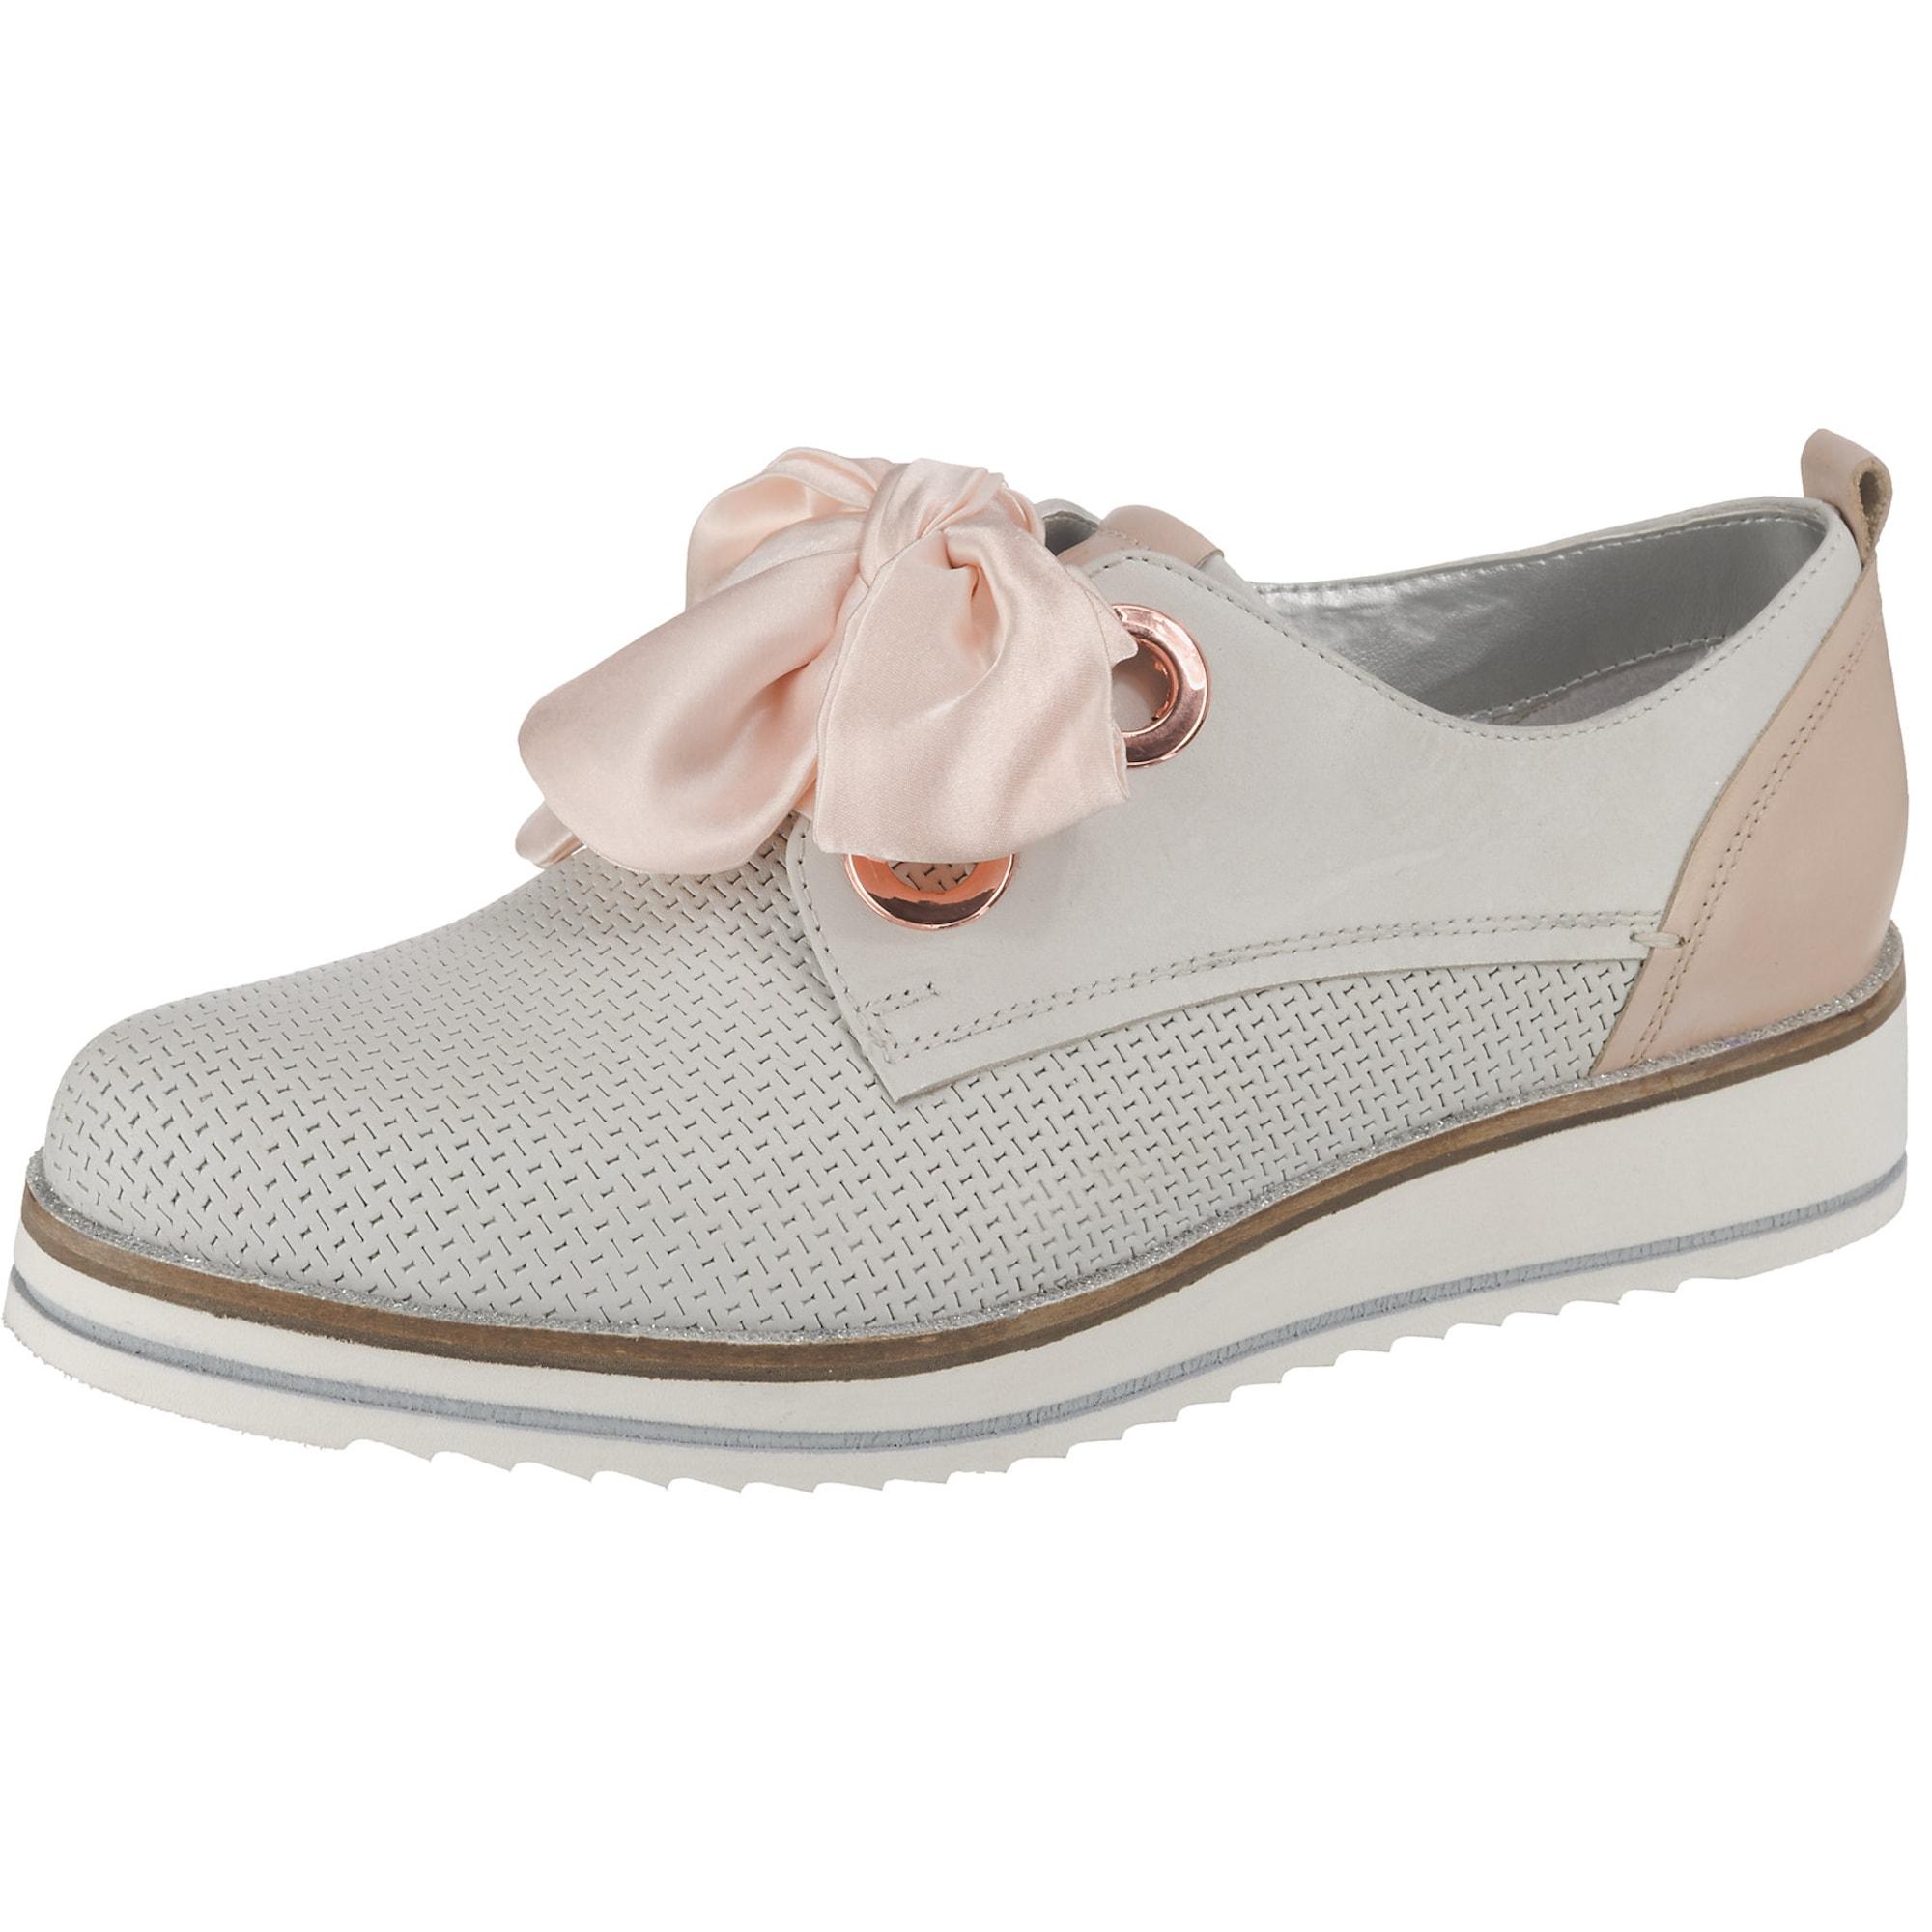 Schnürschuhe   Schuhe > Schnürschuhe   Bugatti